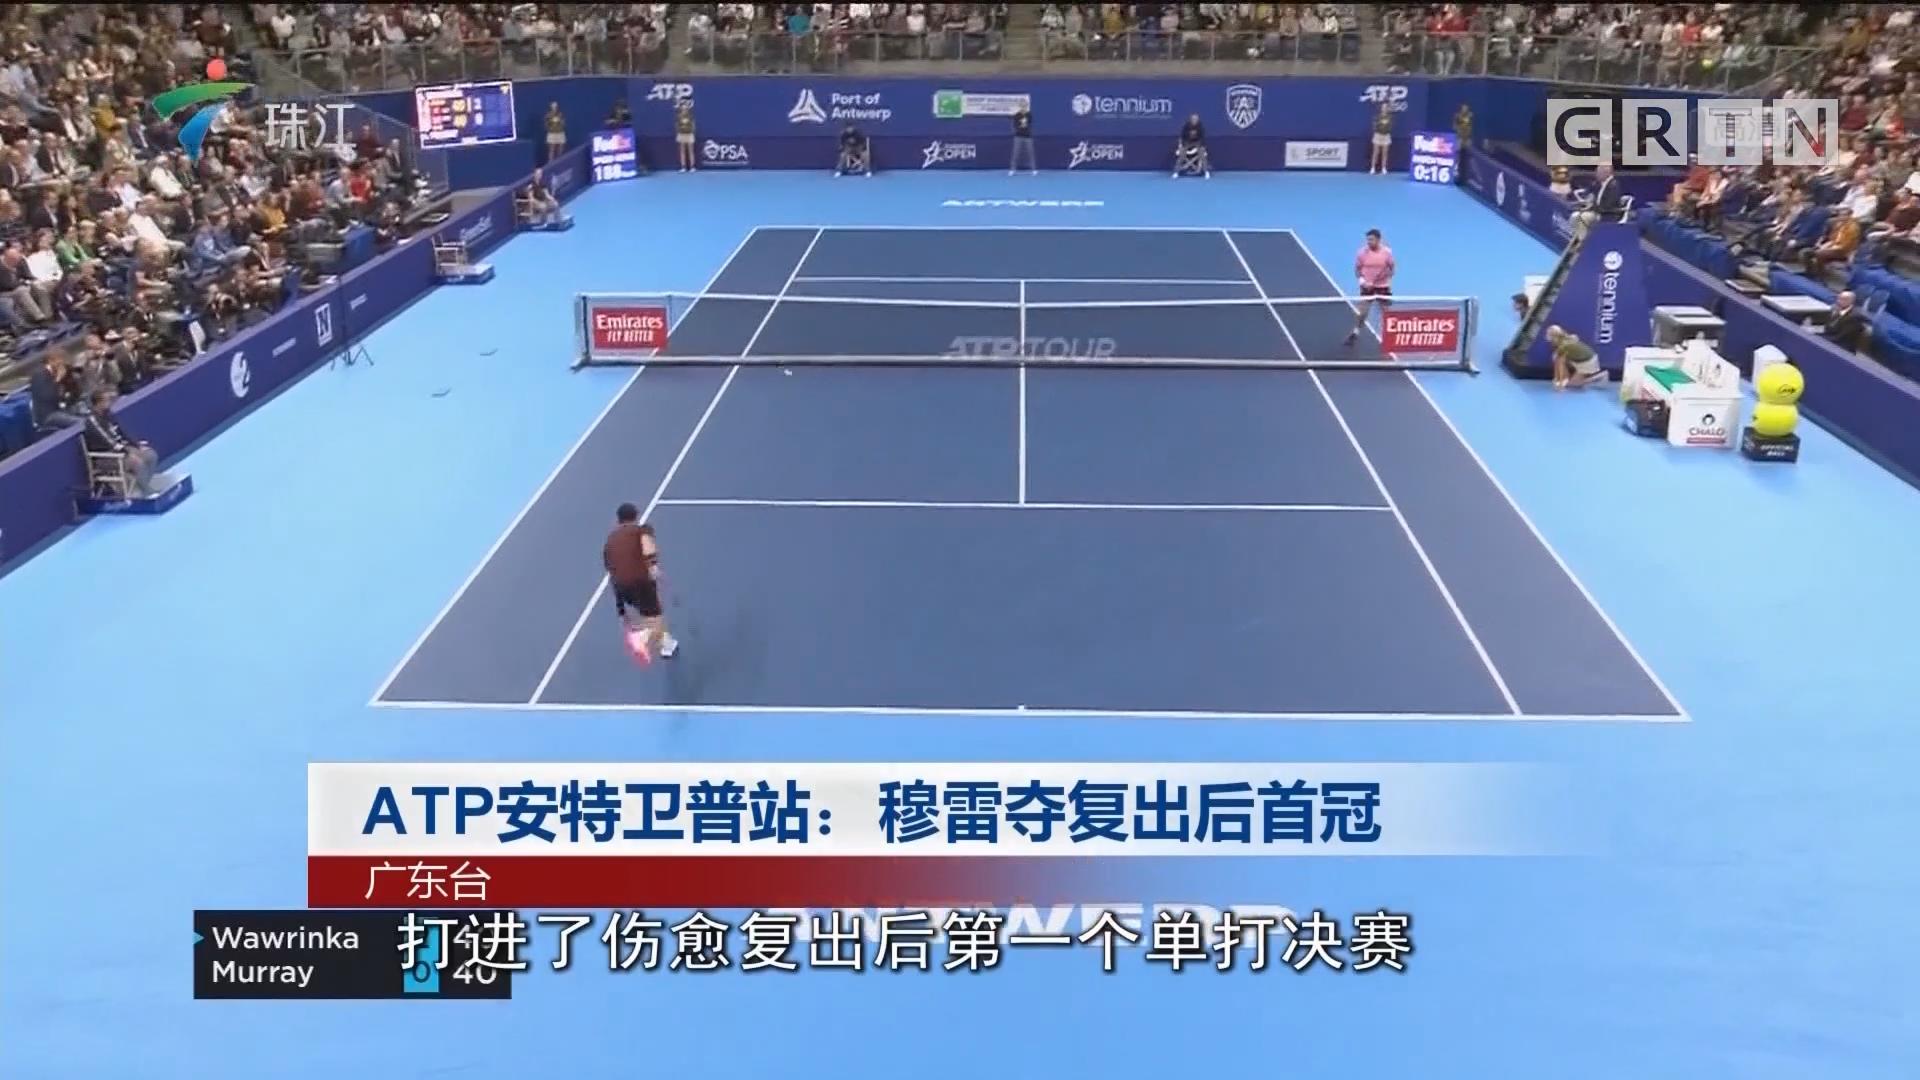 ATP安特卫普站:穆雷夺复出后首冠